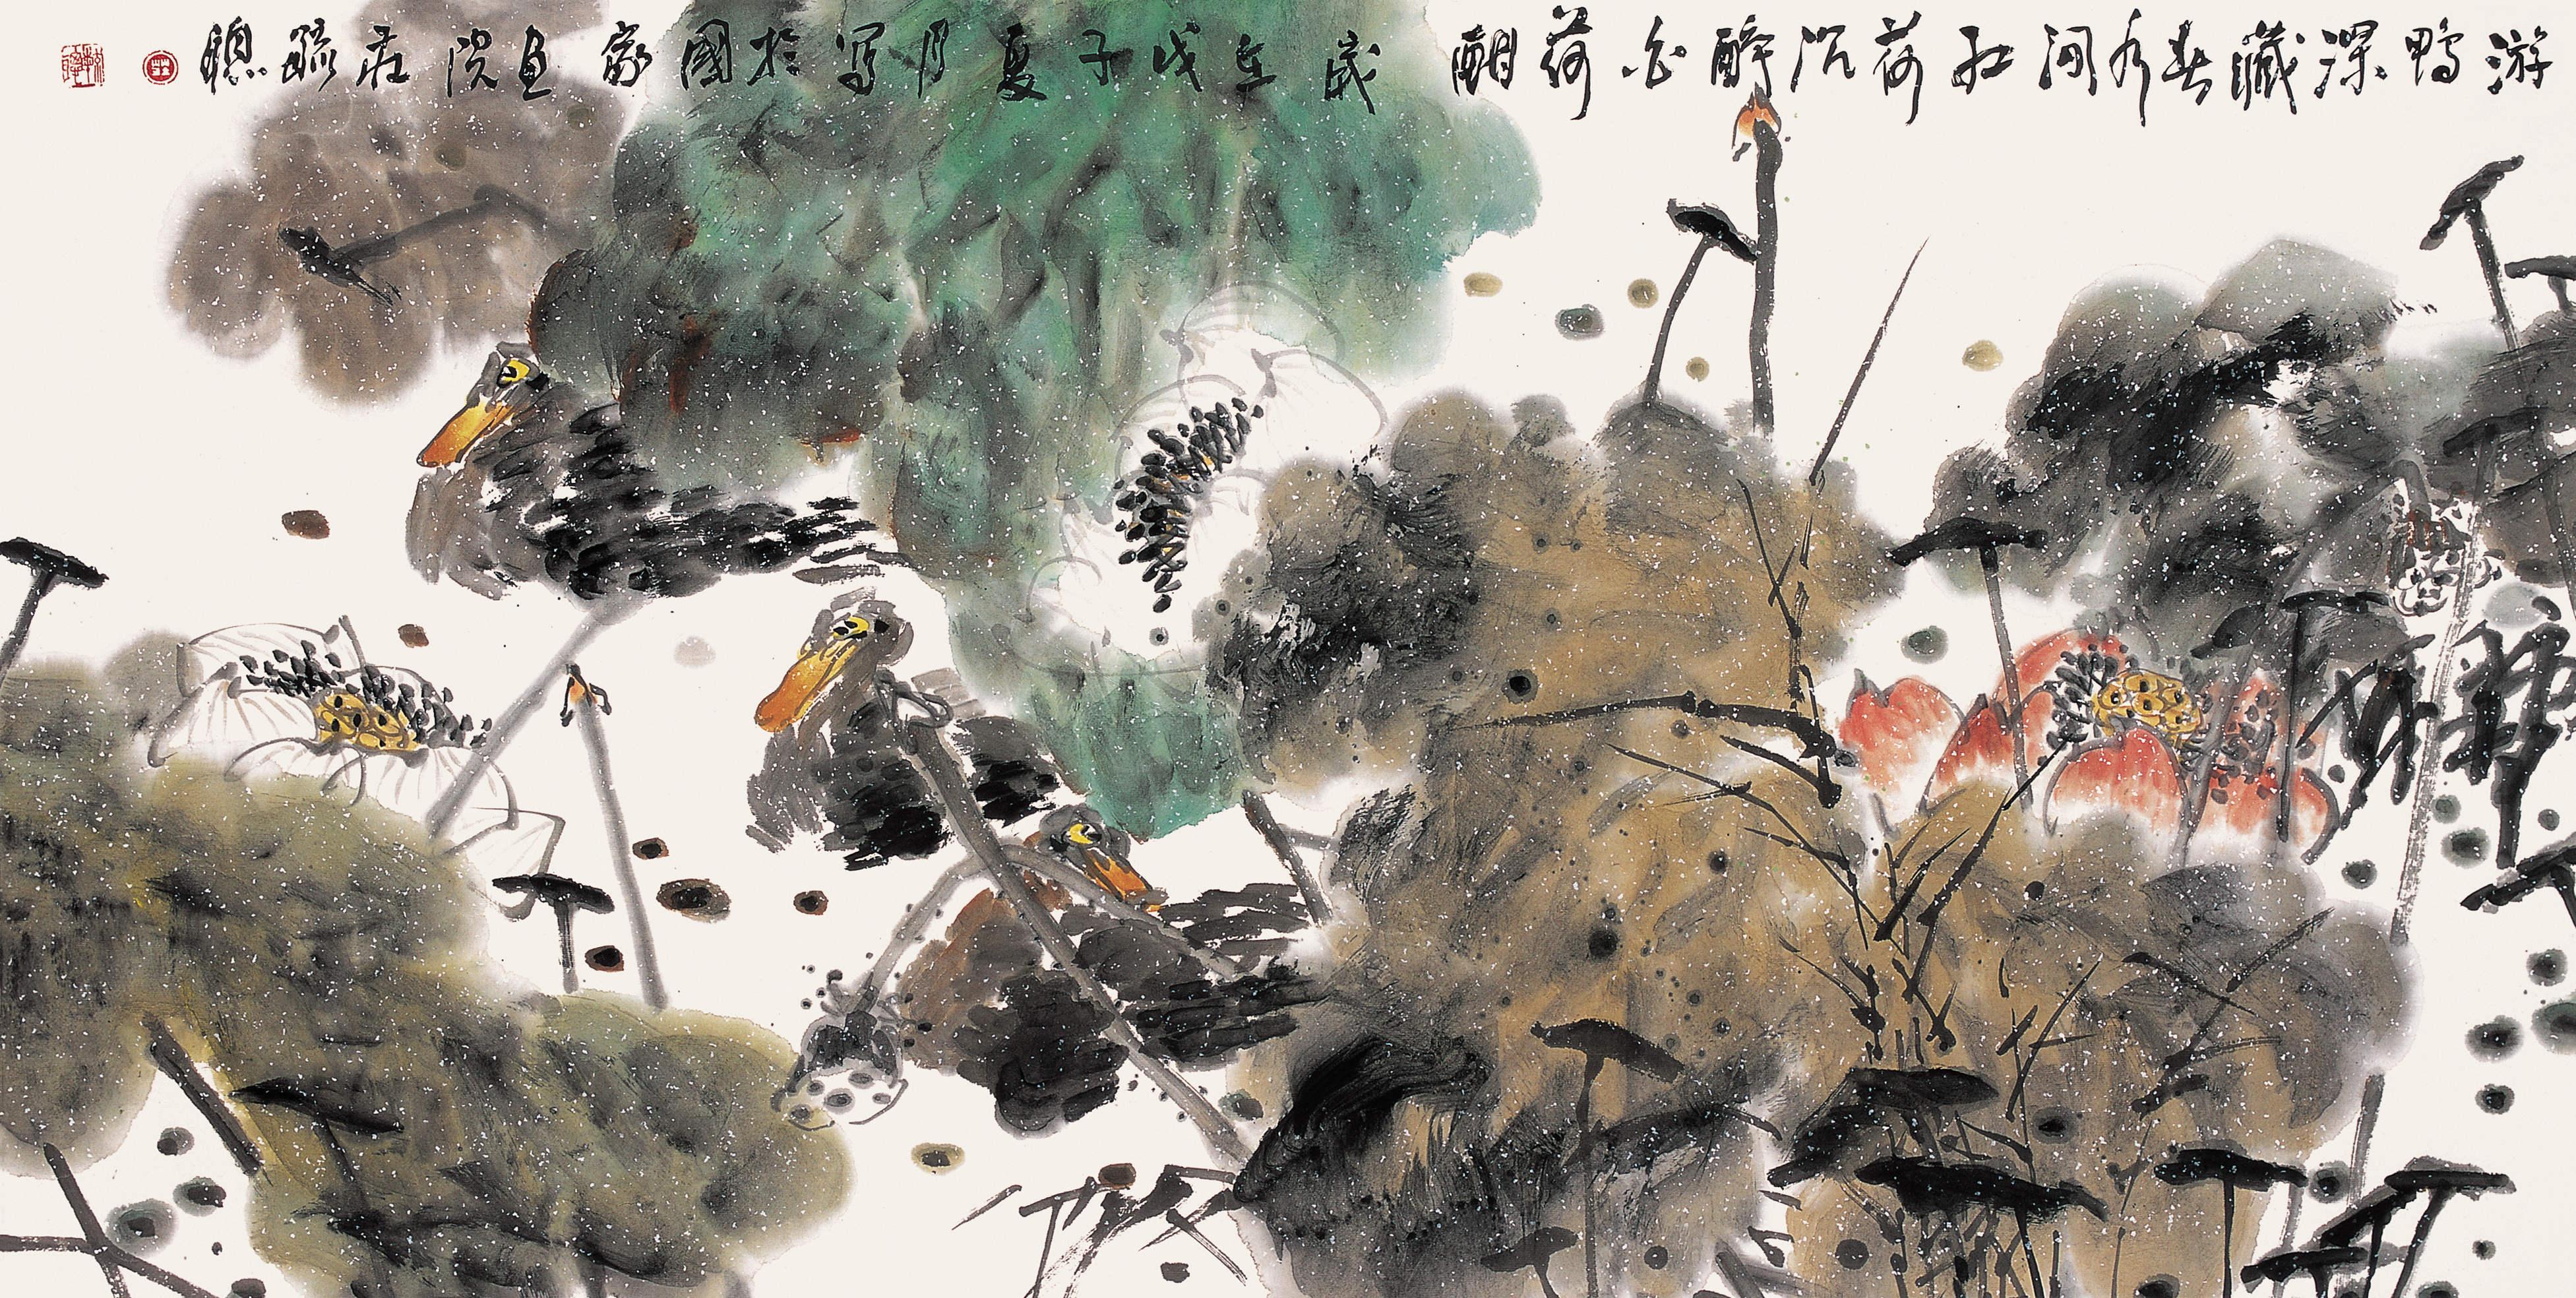 间 庄毓聪 大写意花鸟画的艺术特色